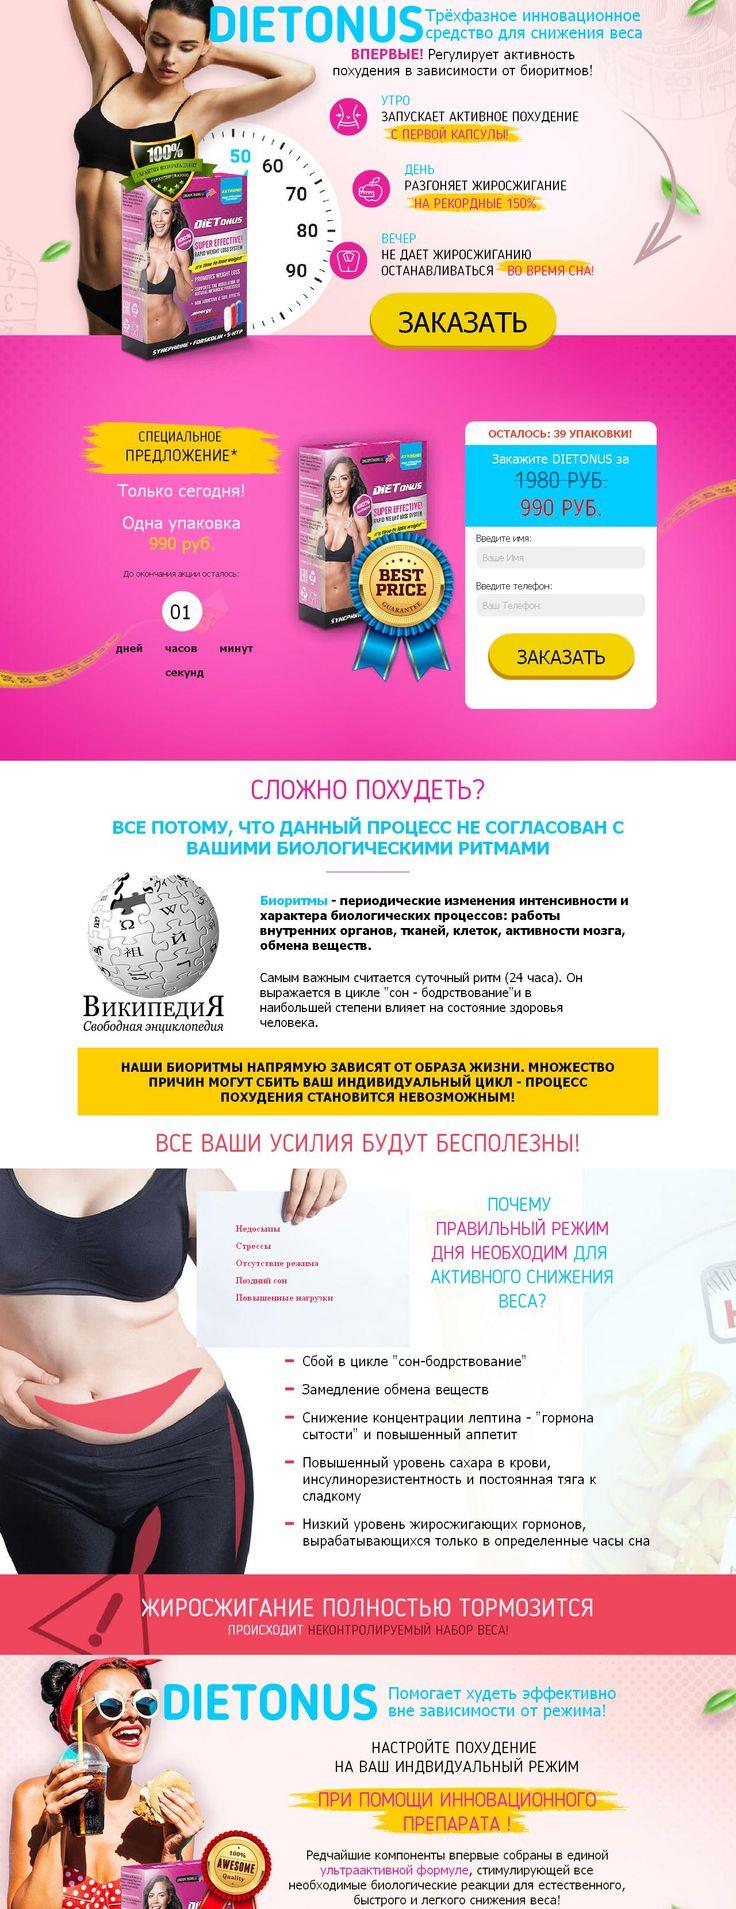 Dietonus для снижения веса в Павлодаре